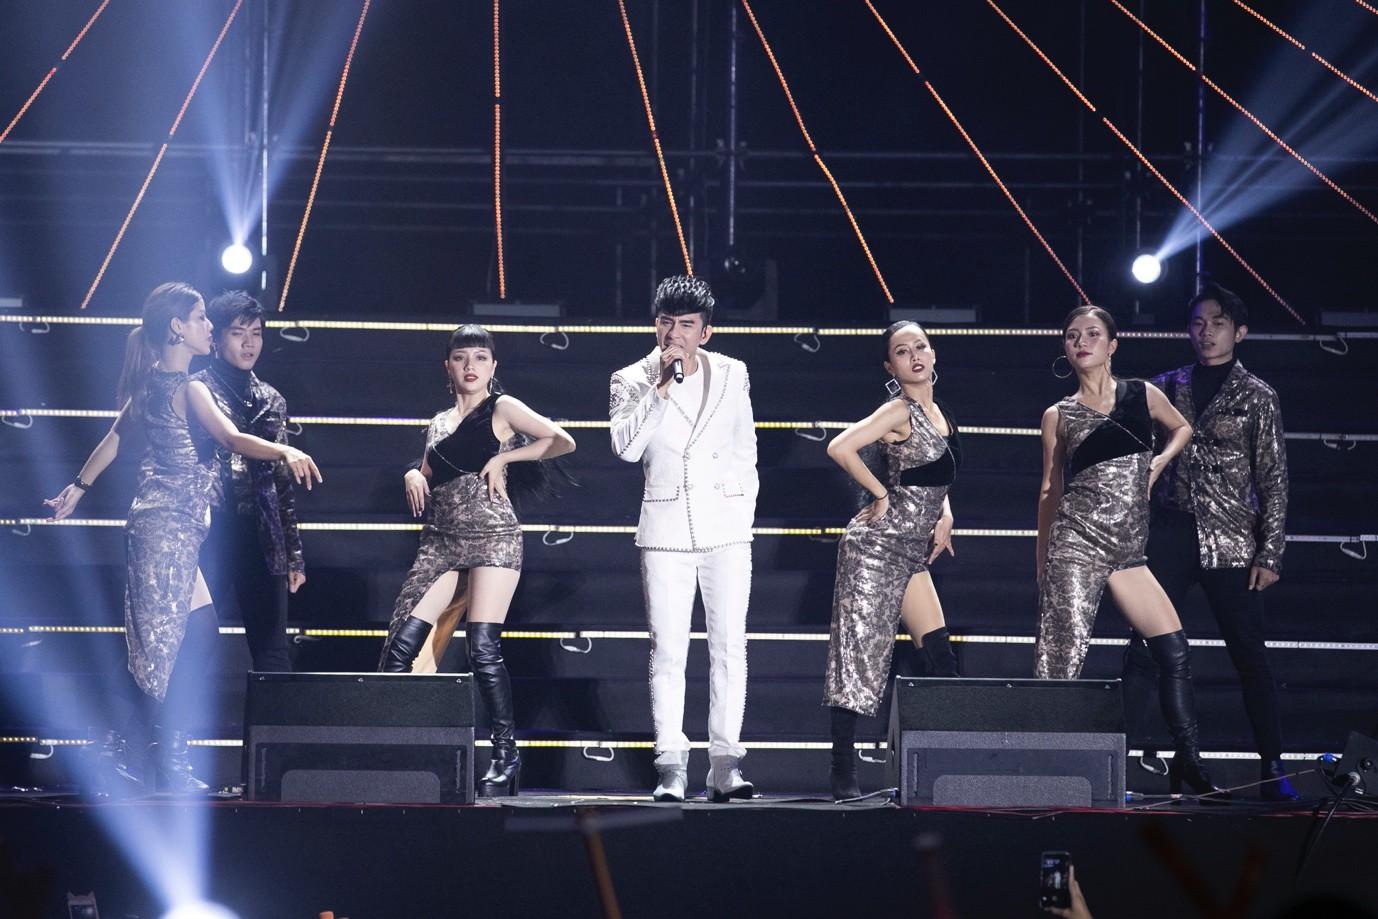 Sơn Tùng M-TP, Đen Vâu, Tóc Tiên, Hồ Ngọc Hà… mang đến quá nhiều màn trình diễn đỉnh cao tại FWD Music Fest - Ảnh 8.